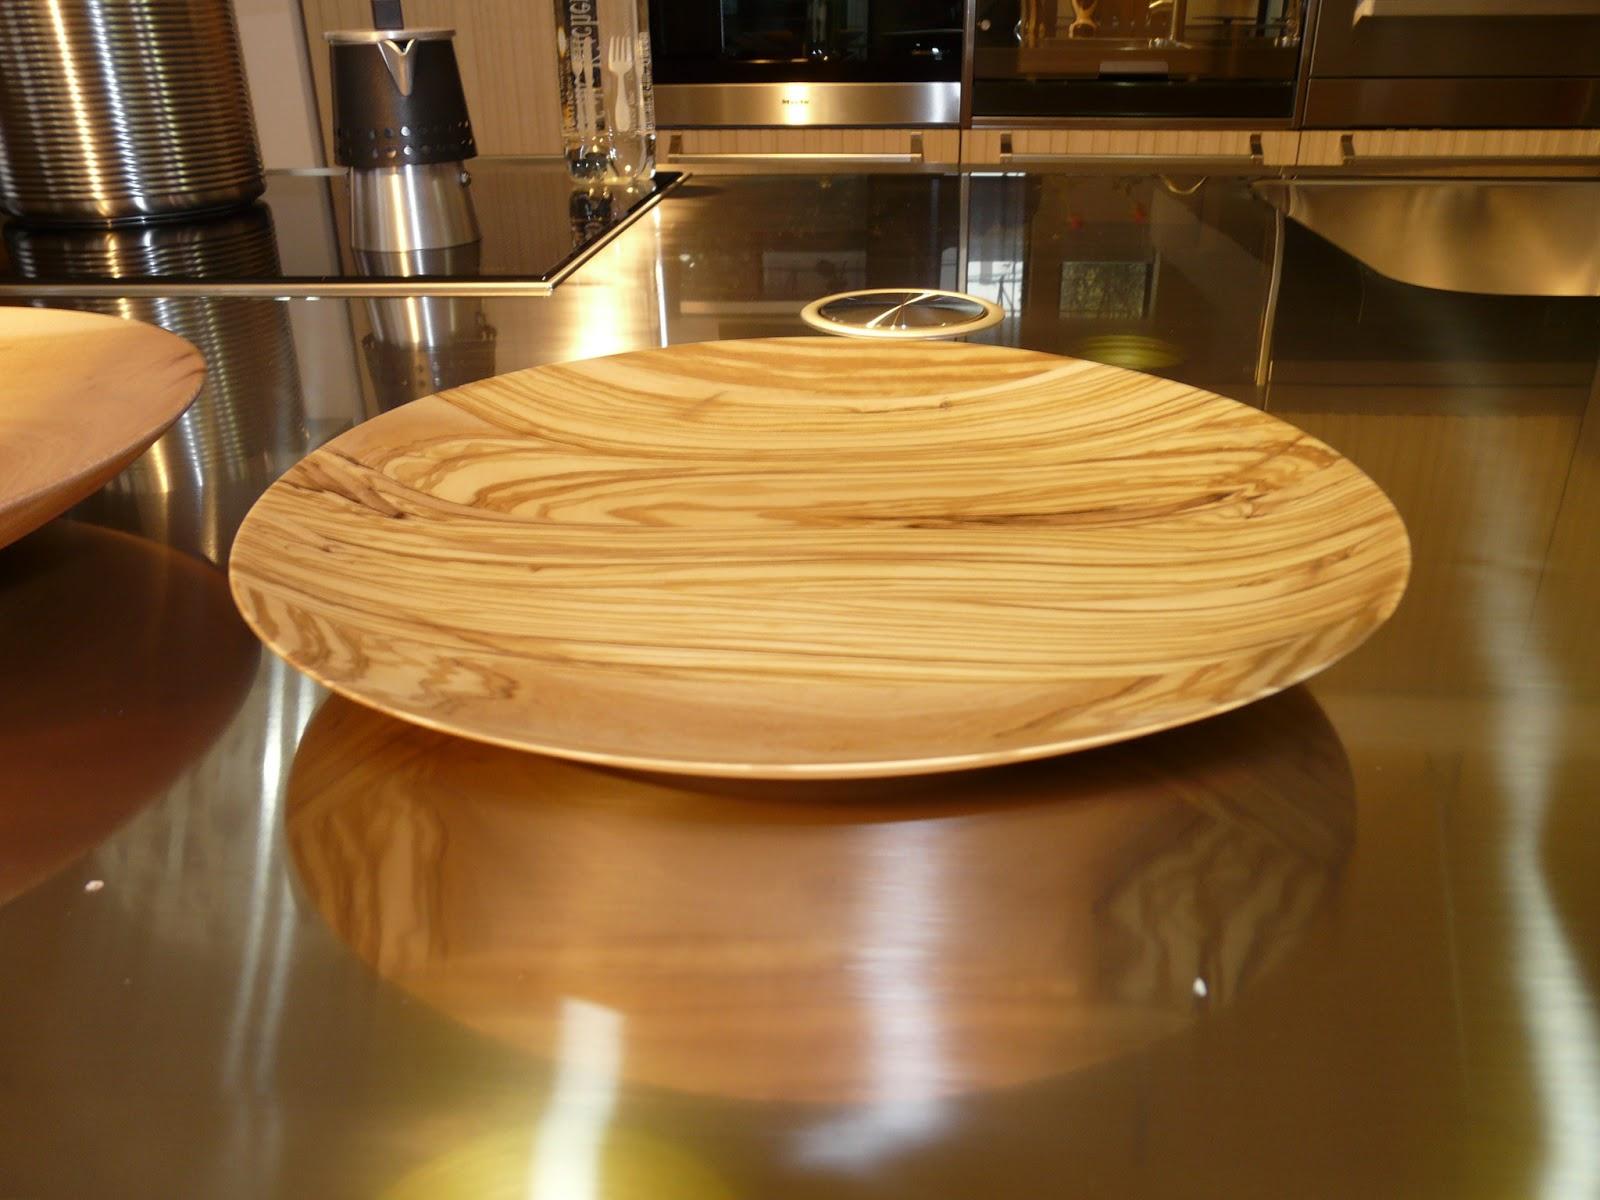 Conosciuto idee regalo in legno: Idee Regalo: Oggetti in legno d'Ulivo TM83